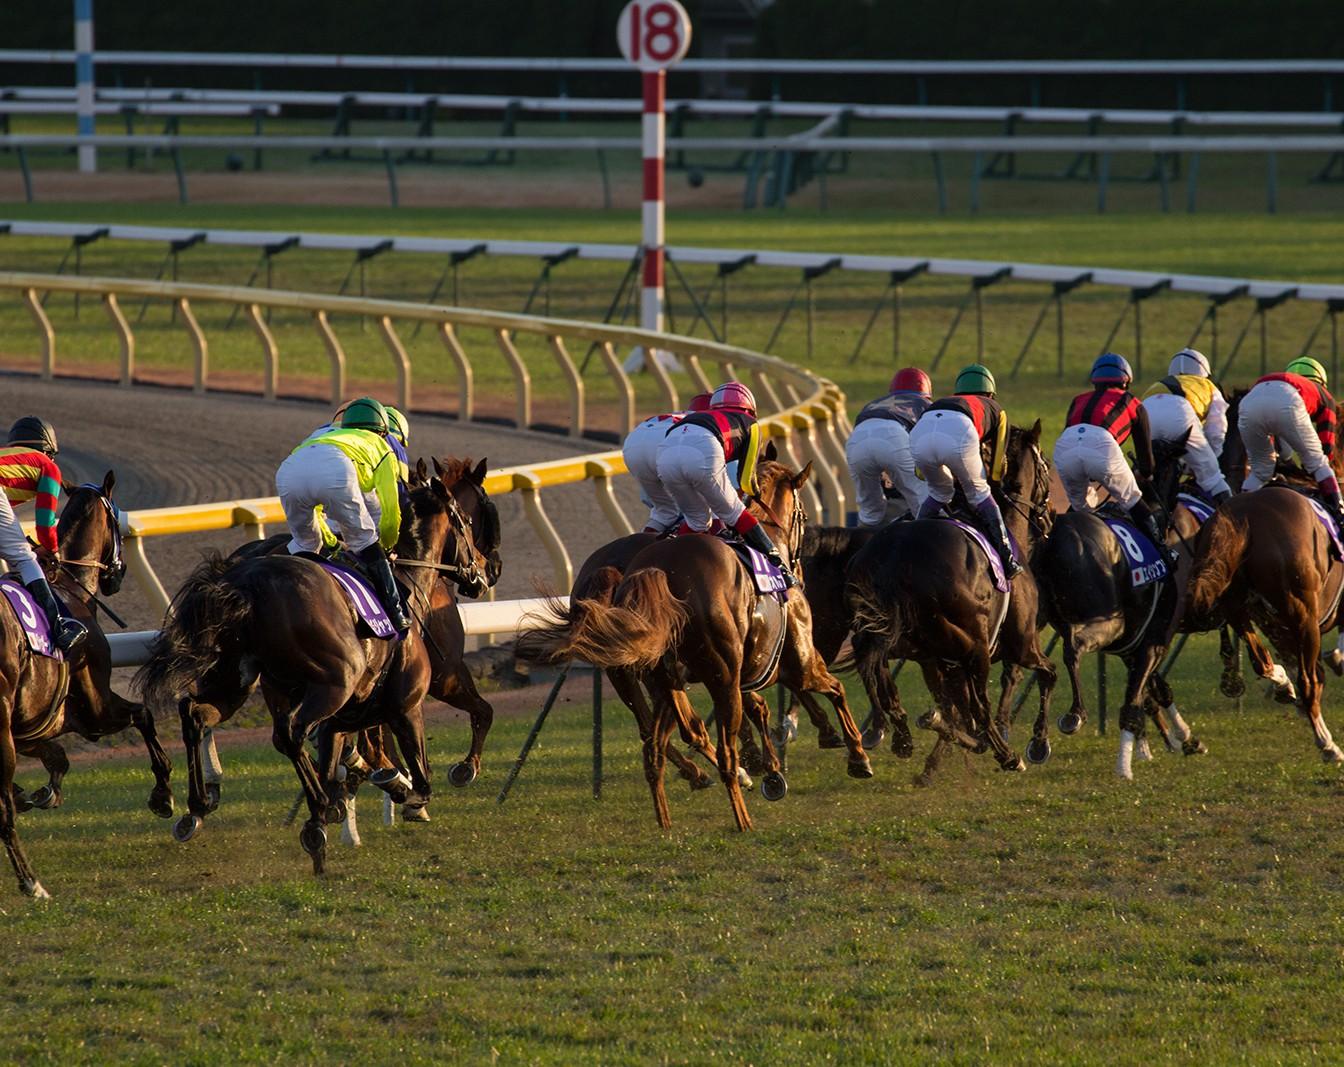 [結果更新] トーアディランの快勝ではじまる福島競馬はドリームジャーニー祭り。北ではシスターフラッグがデビュー。今週のマックファミリー出走馬[7/22, 23]